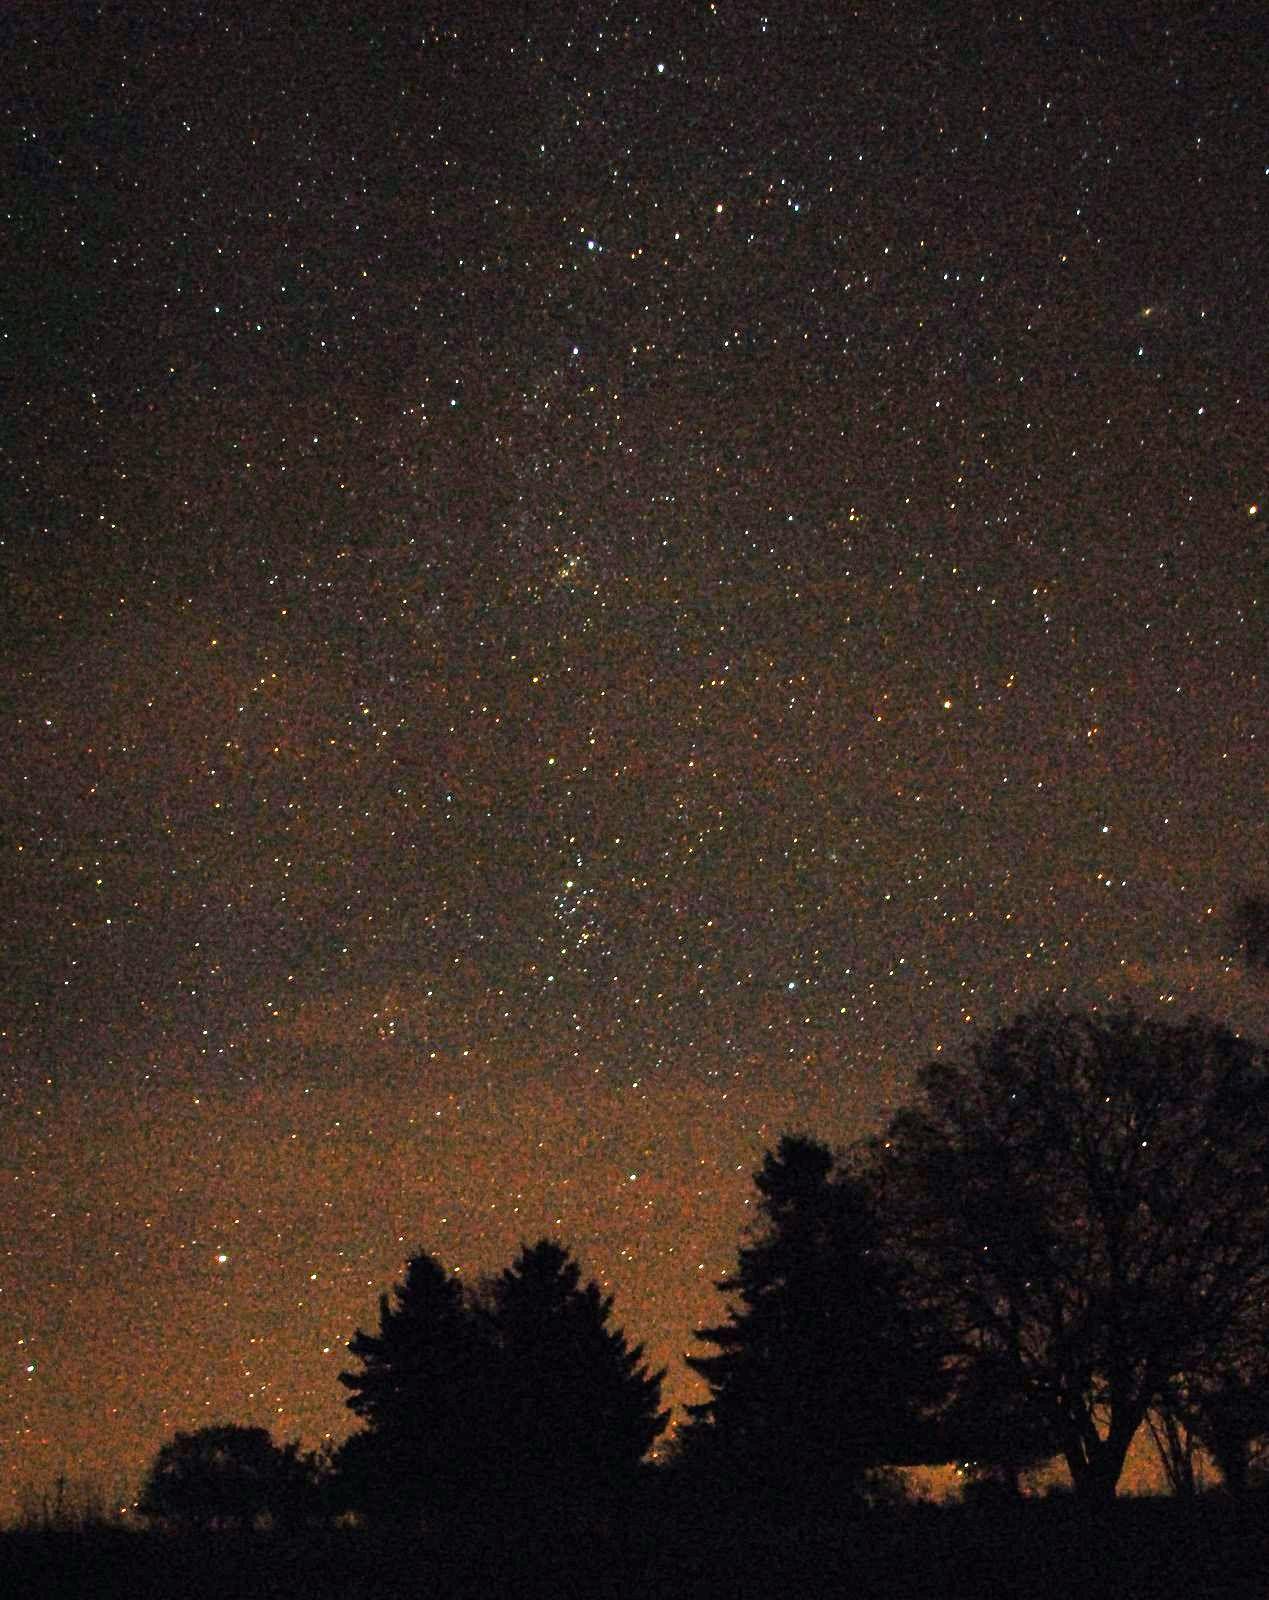 Stimmungsaufnahme Astronomie Deep-Sky aus der Hohen Rhön bzw Langen Rhön mit Bäumen und Horizont